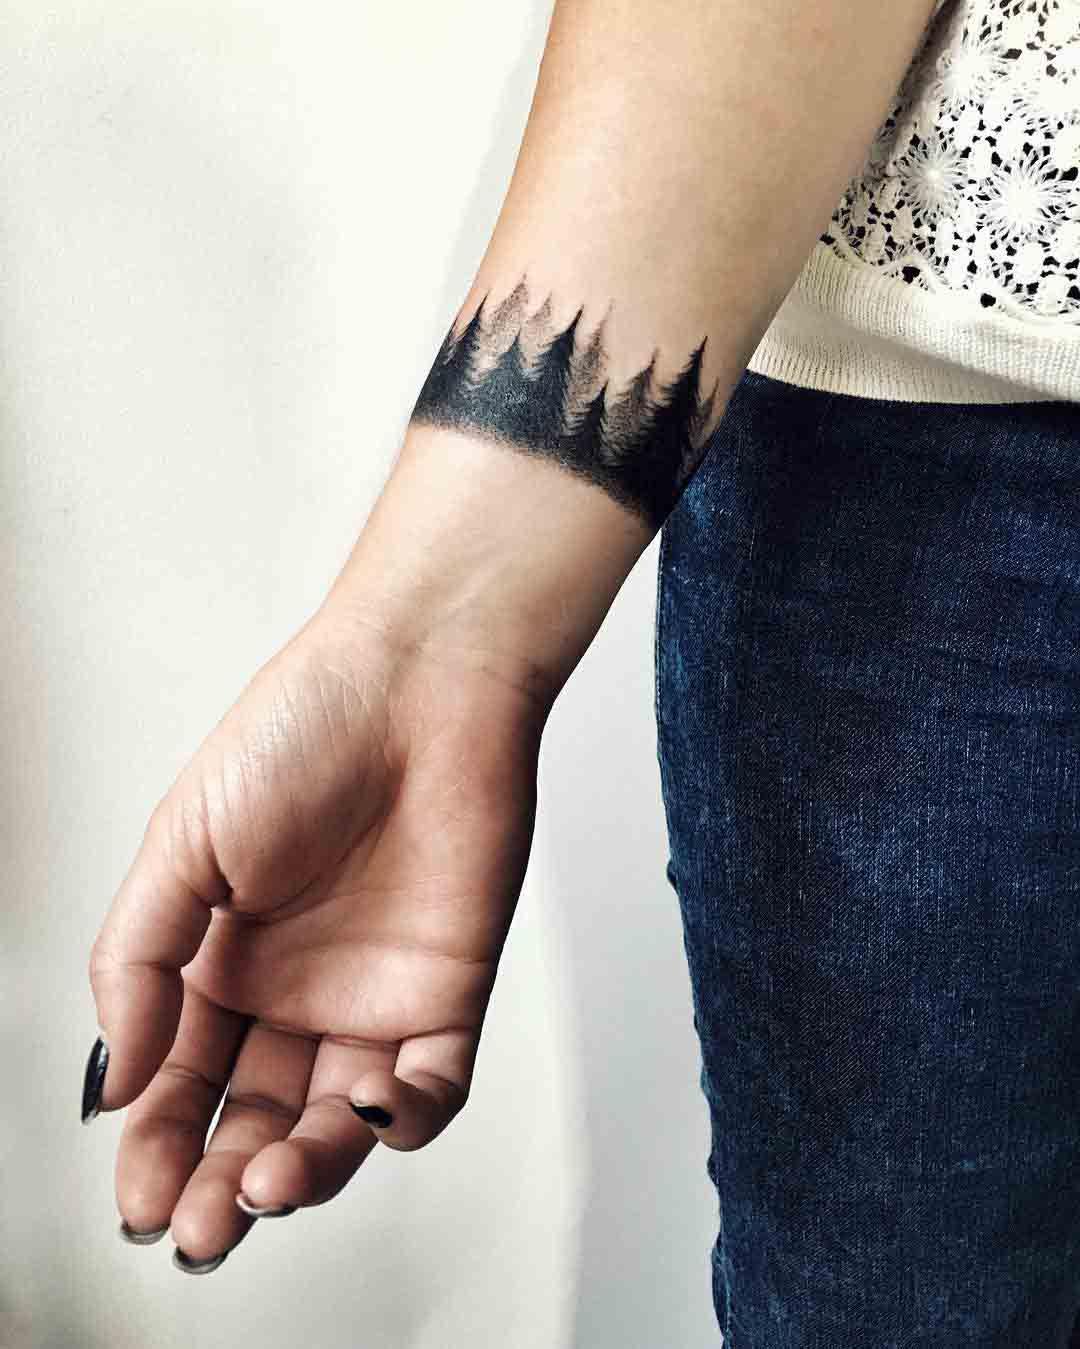 Best Tattoo Ideas Gallery Wrist Tattoos For Women Trendy Tattoos Tattoos